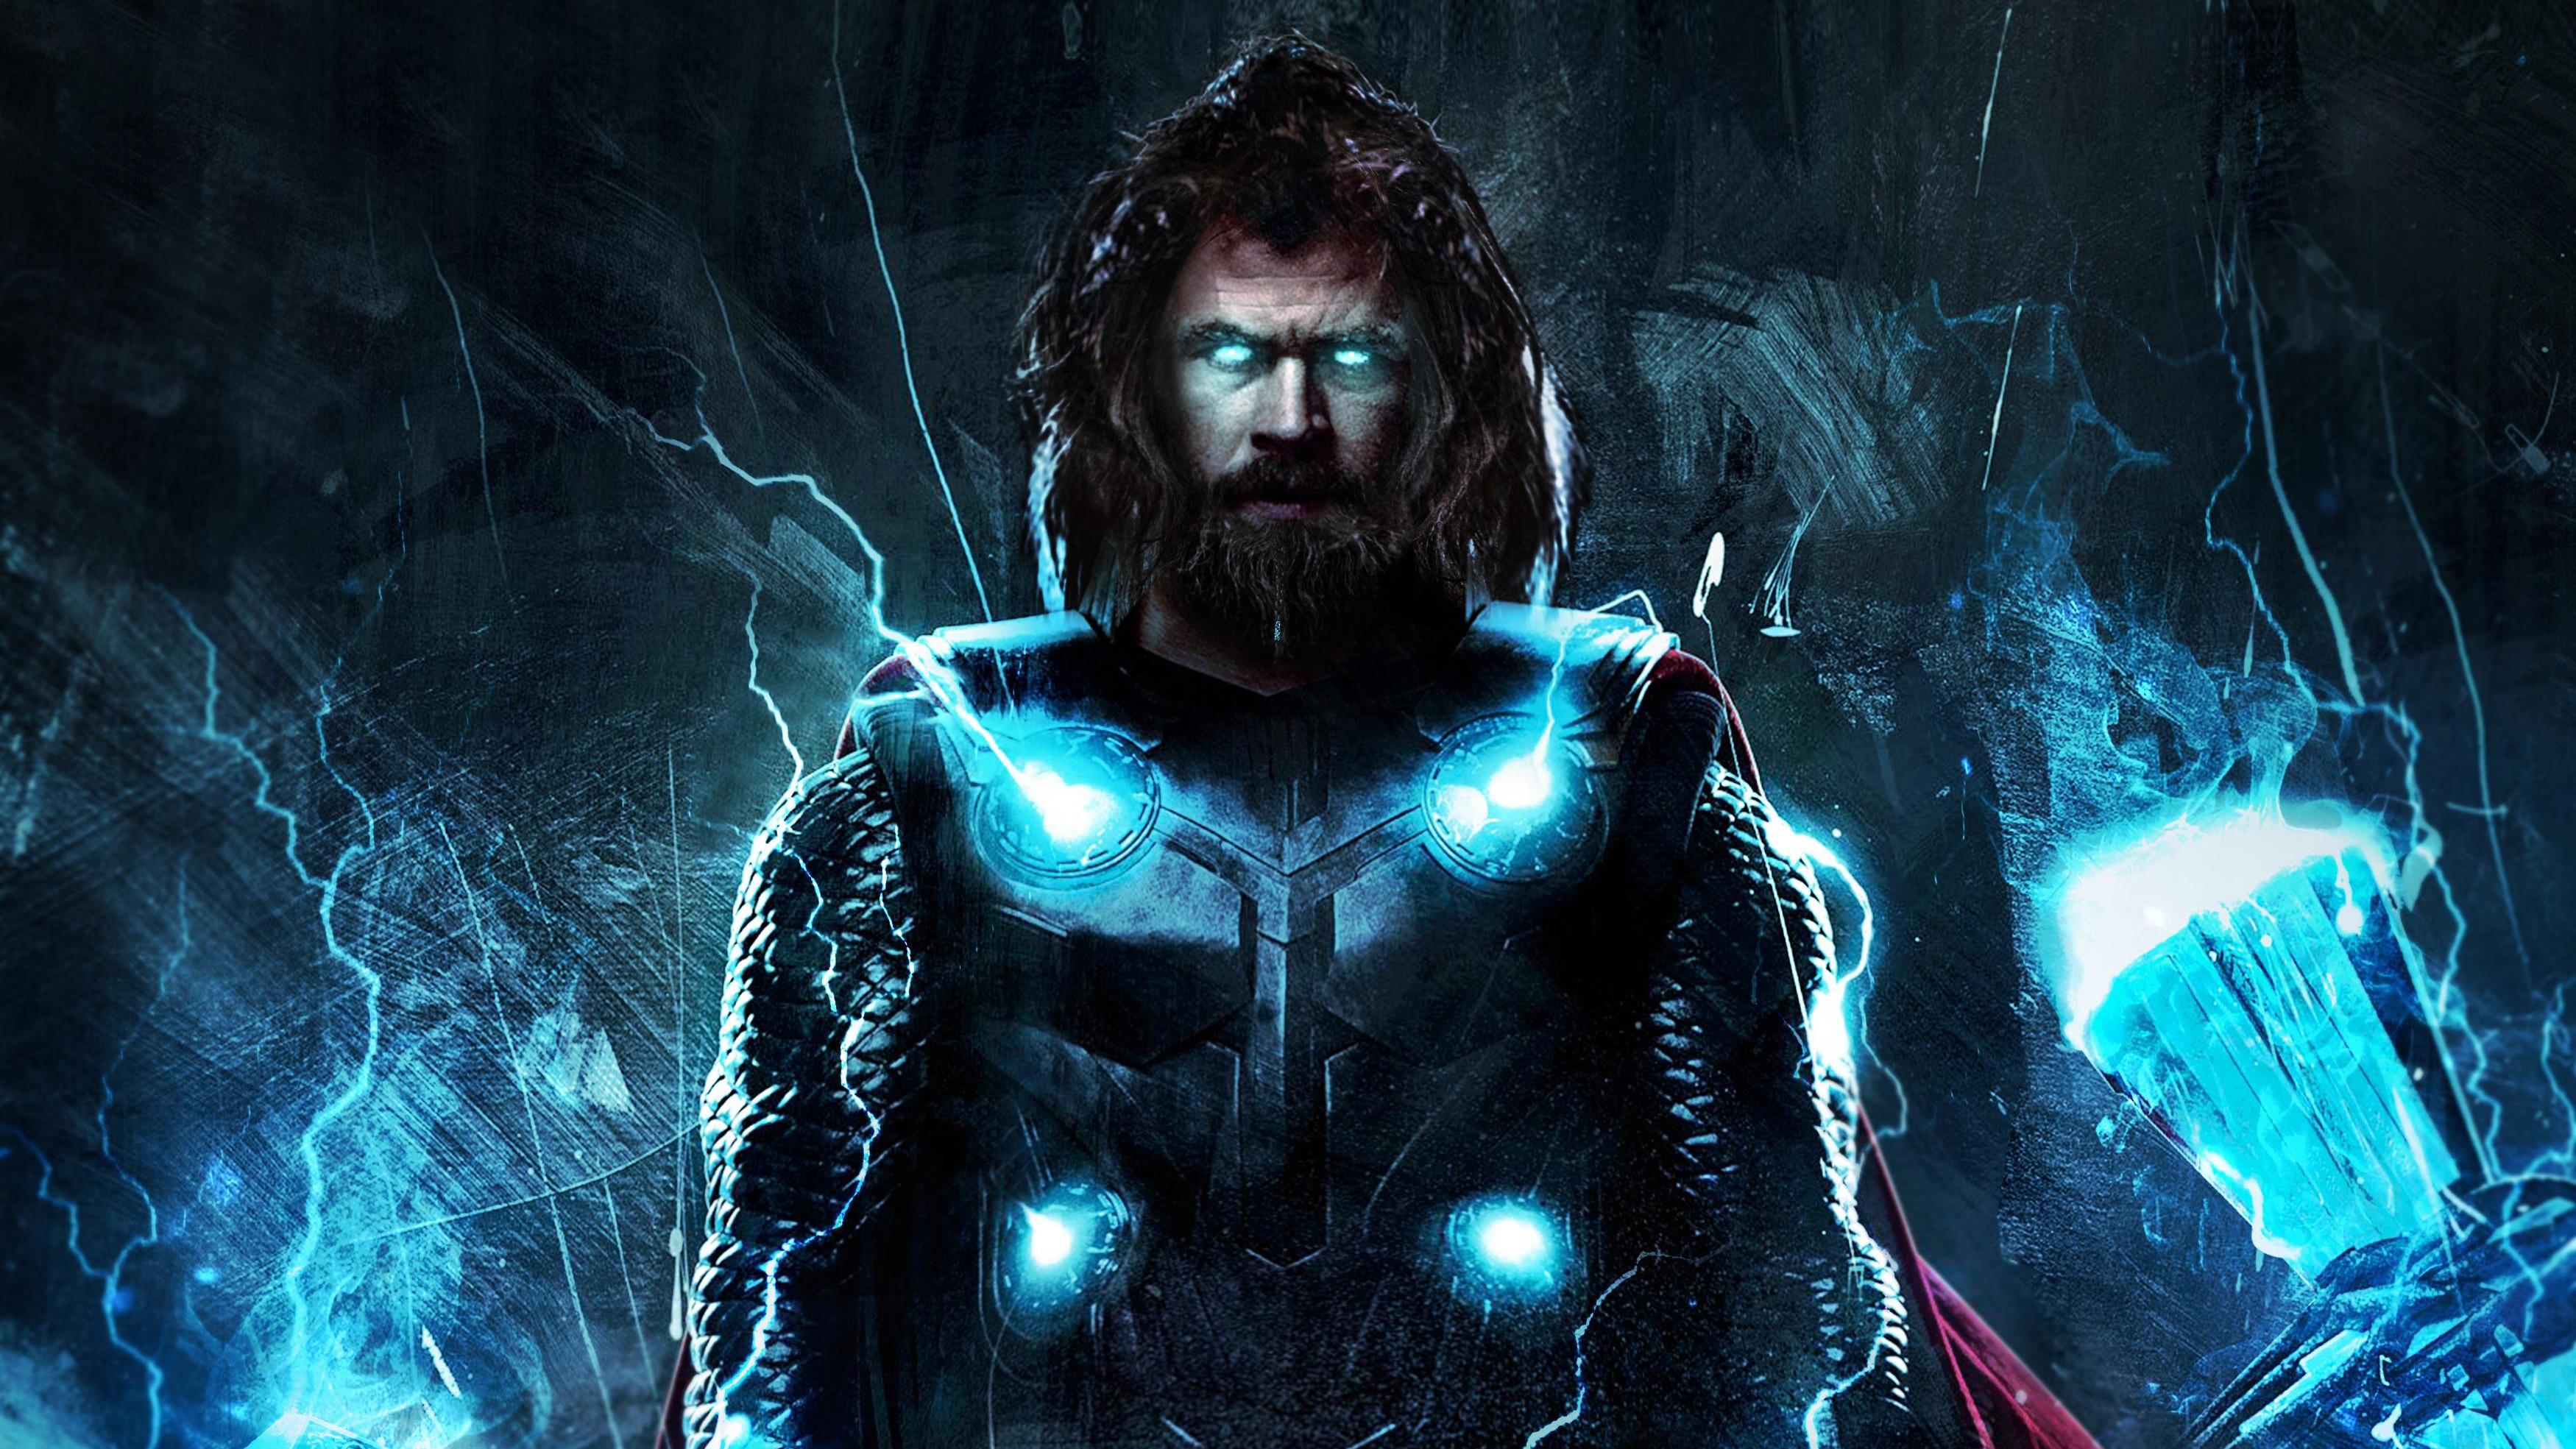 4k Thor In Avengers Endgame, HD Superheroes, 4k Wallpapers ...